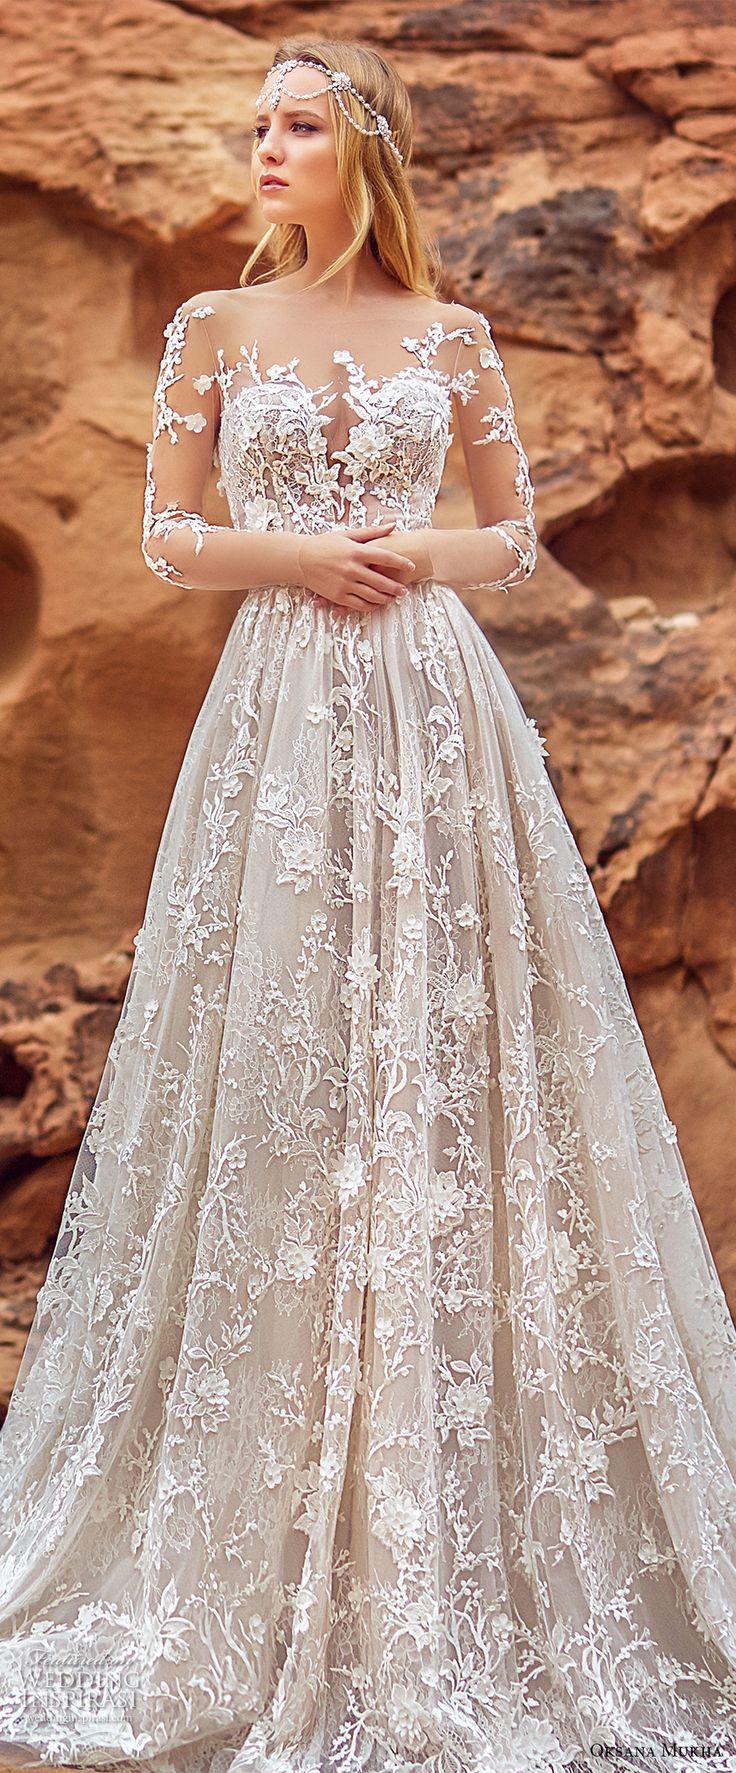 Oksana mukha 2018 bridal mangas de três quartos sweetheart decote emfeite completo princesa uma linha vestido de casamento com bolsos aberto de volta trem real (lilana) zv